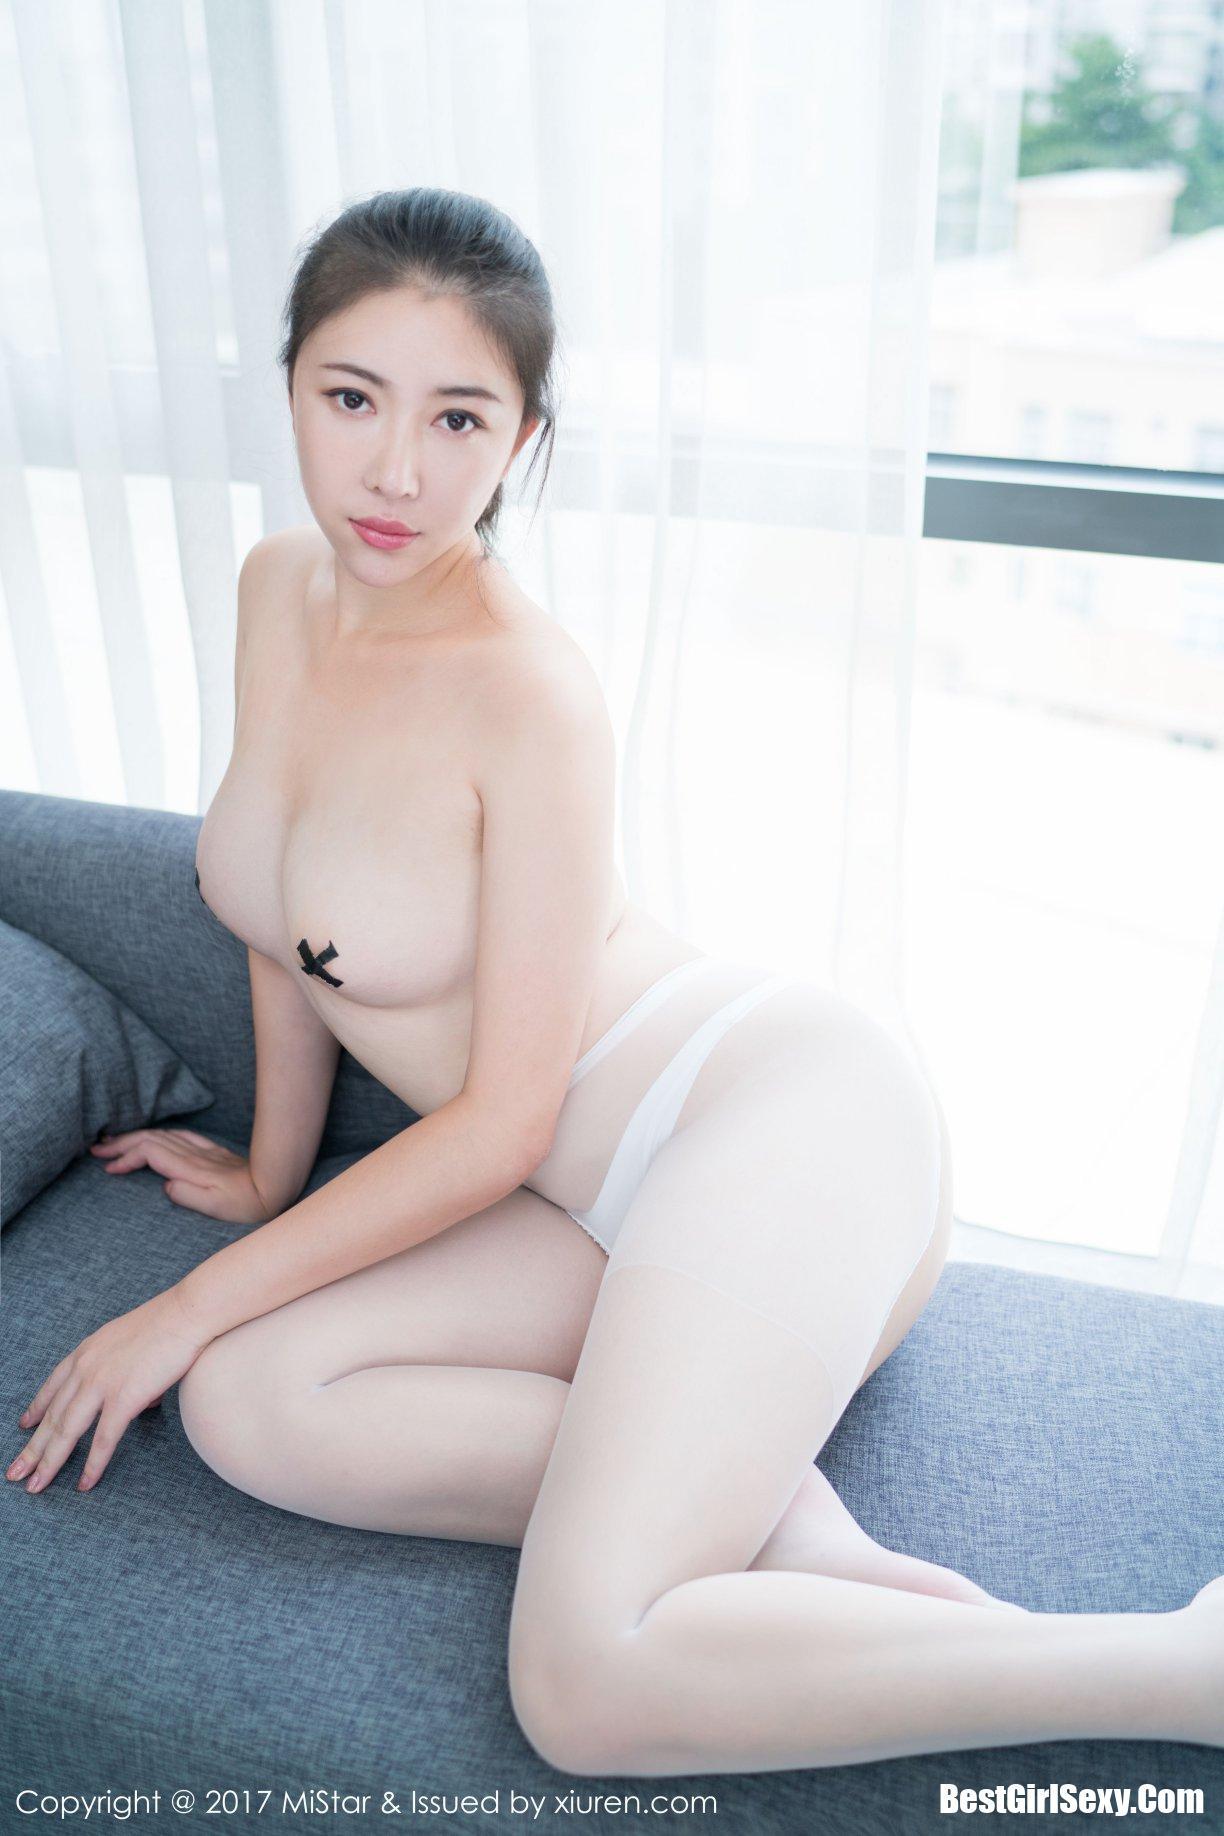 大白兔emma, MiStar魅妍社 Vol.191 Da Bai Tu Emma, MiStar魅妍社 Vol.191, Da Bai Tu Emma